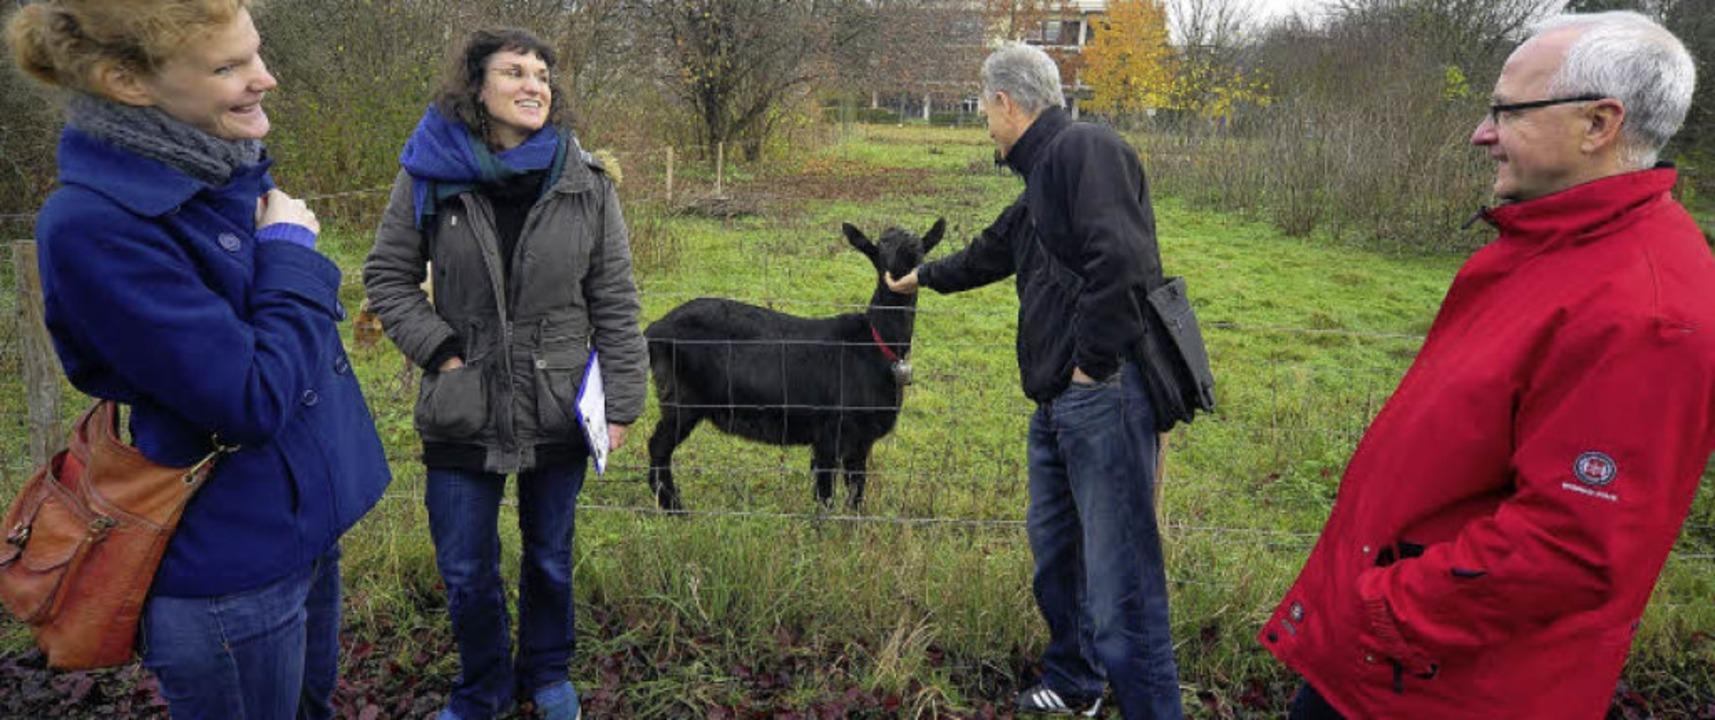 Ortstermin in der Botanik: An der Bege...n (Rektor der Anne-Frank-Grundschule).  | Foto: Thomas Kunz